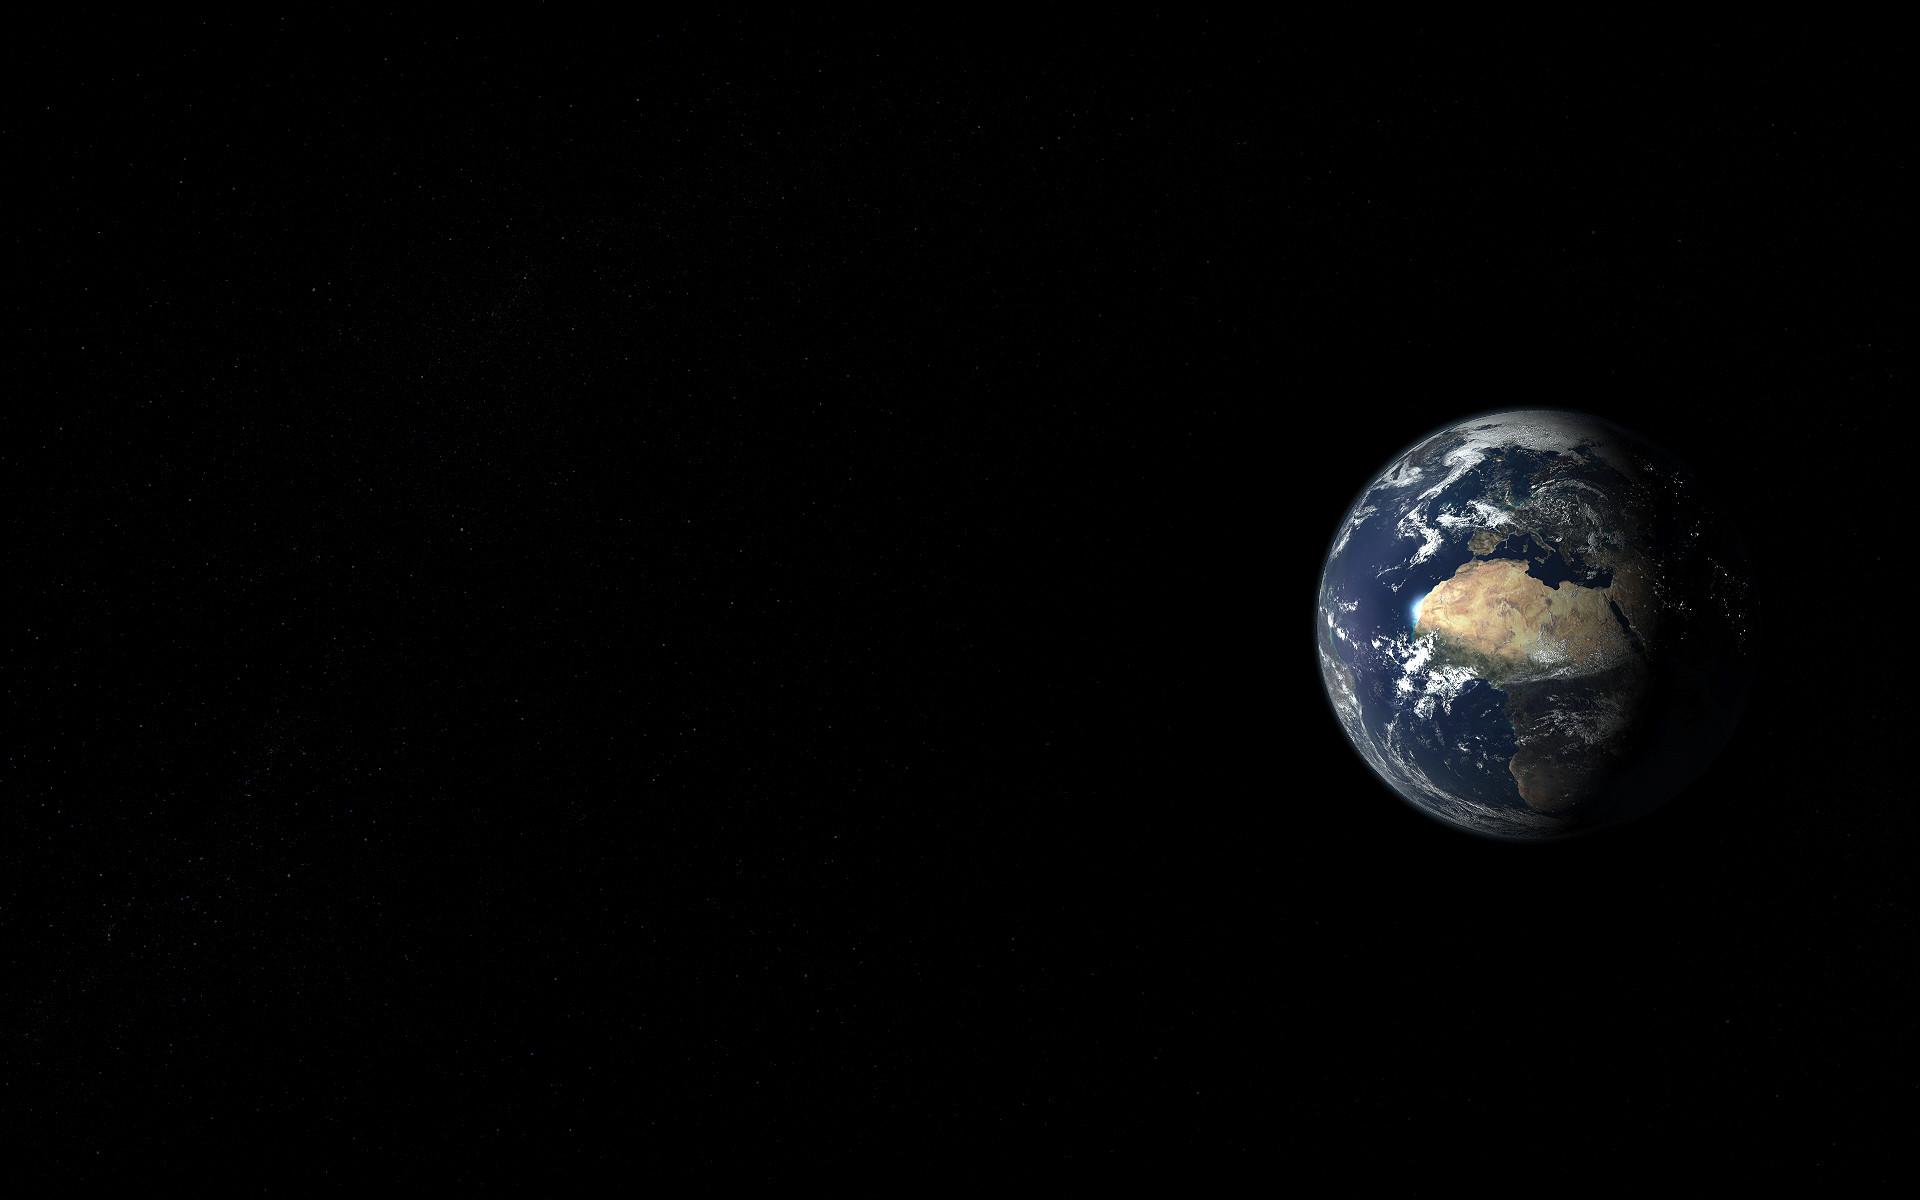 Dark Space Wallpaper: Dark Space Background ·①